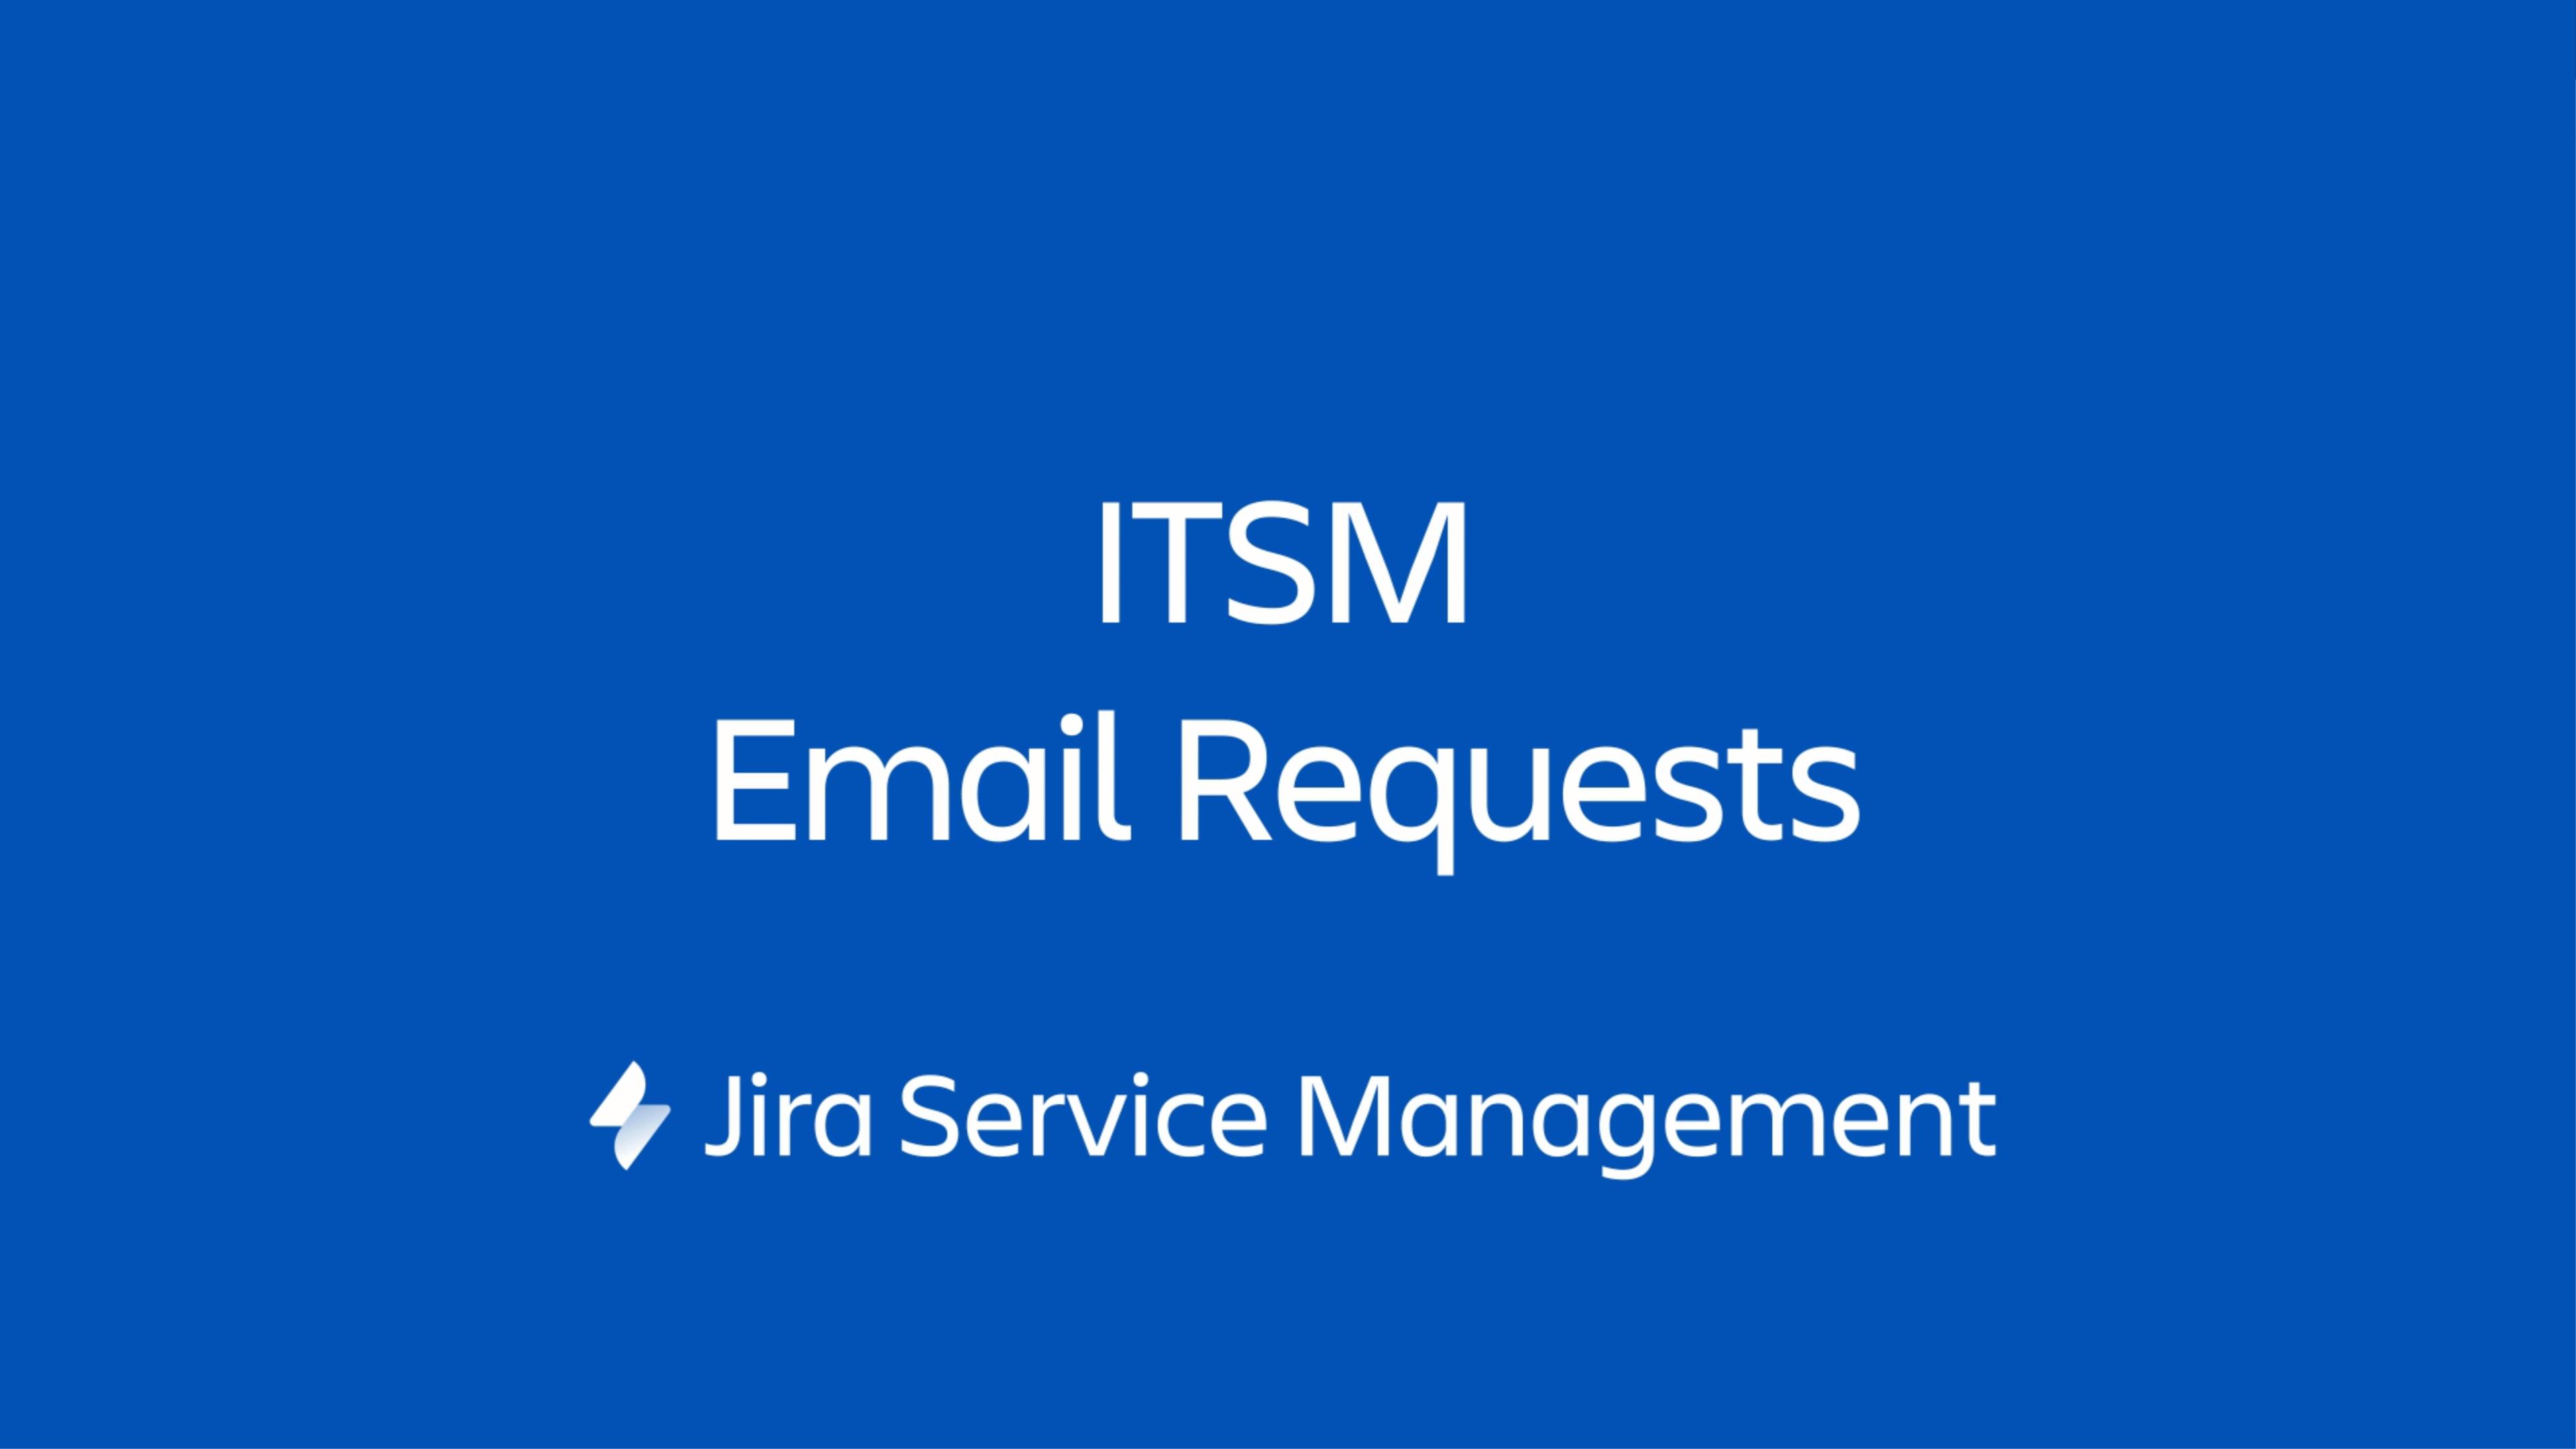 DemandesITSM par e-mail dans JiraServiceManagement